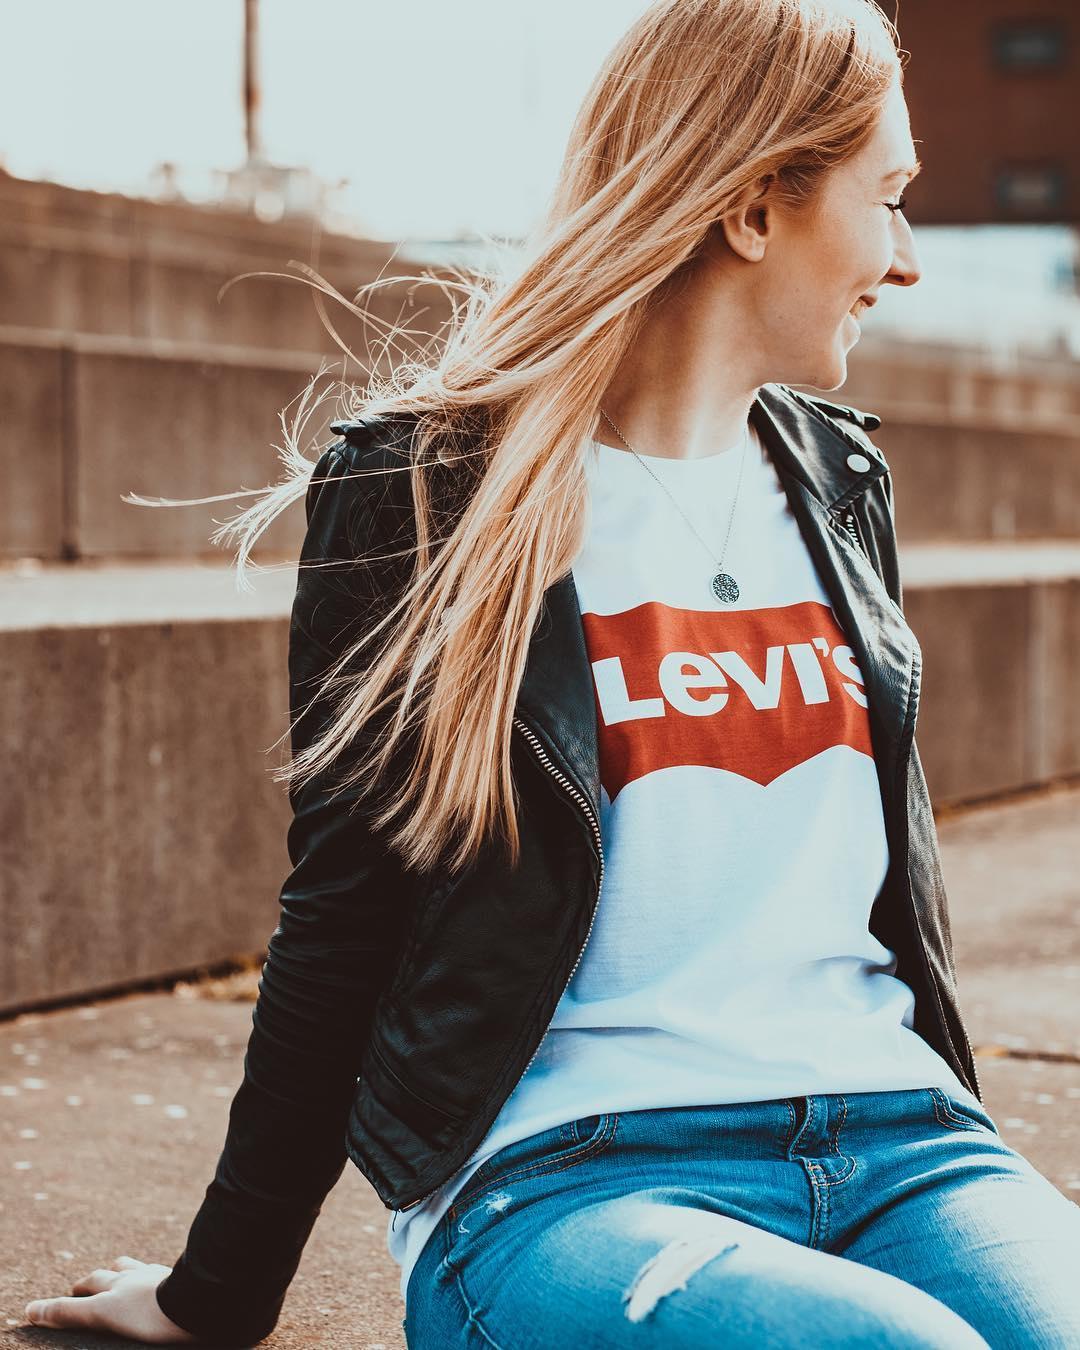 t-shirt levis blanc de Les Bourgeoises sur truszkowski_photography